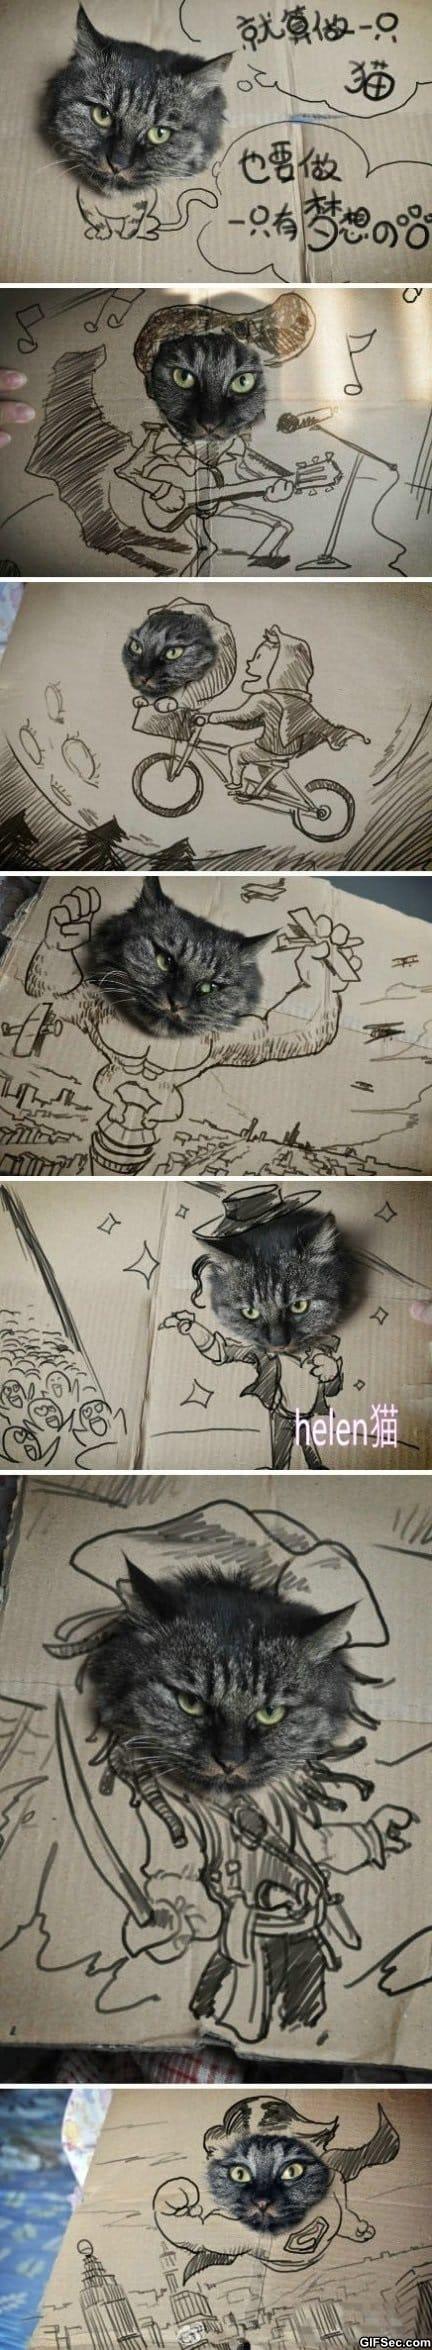 funniest-cat-ever